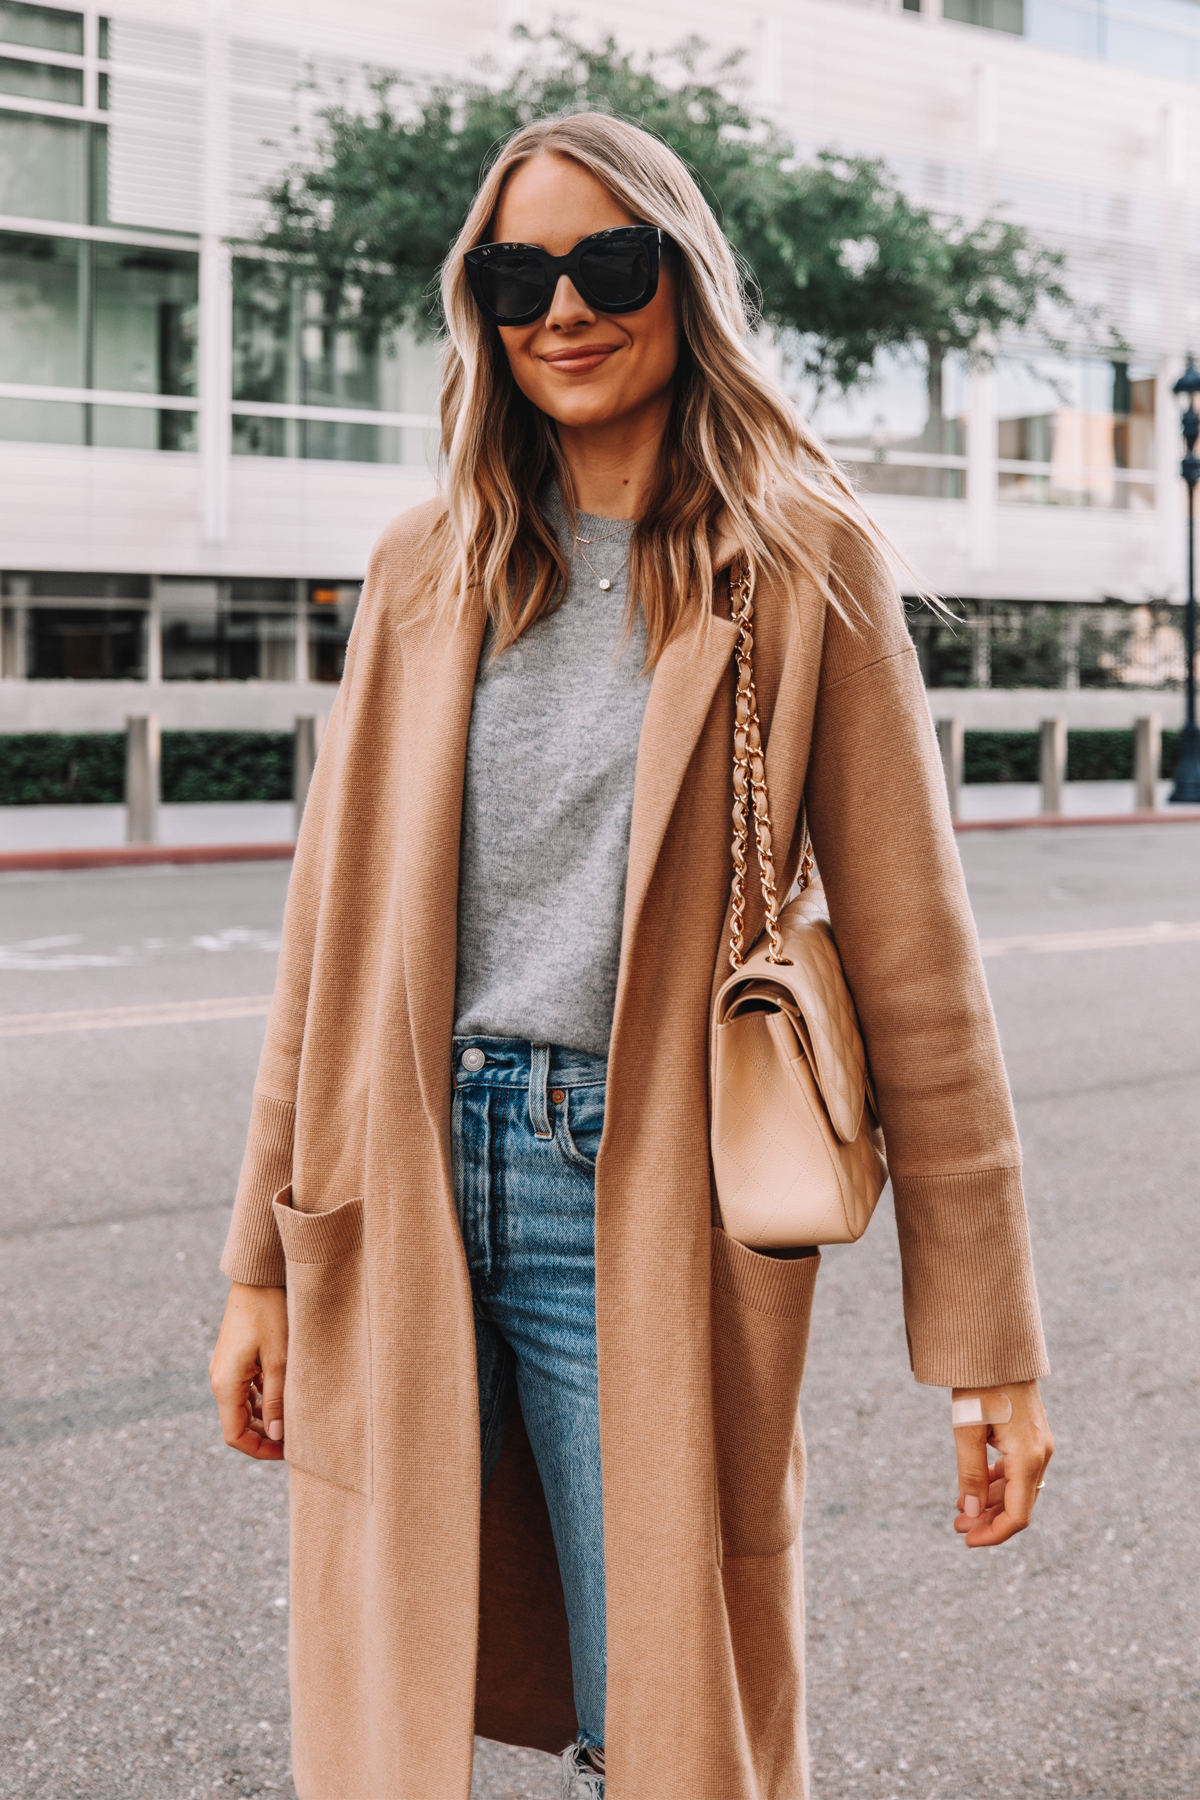 Fashion Jackson Wearing Jcrew Ella Long Sweater Blazer Grey Sweater Celine Sunglasses